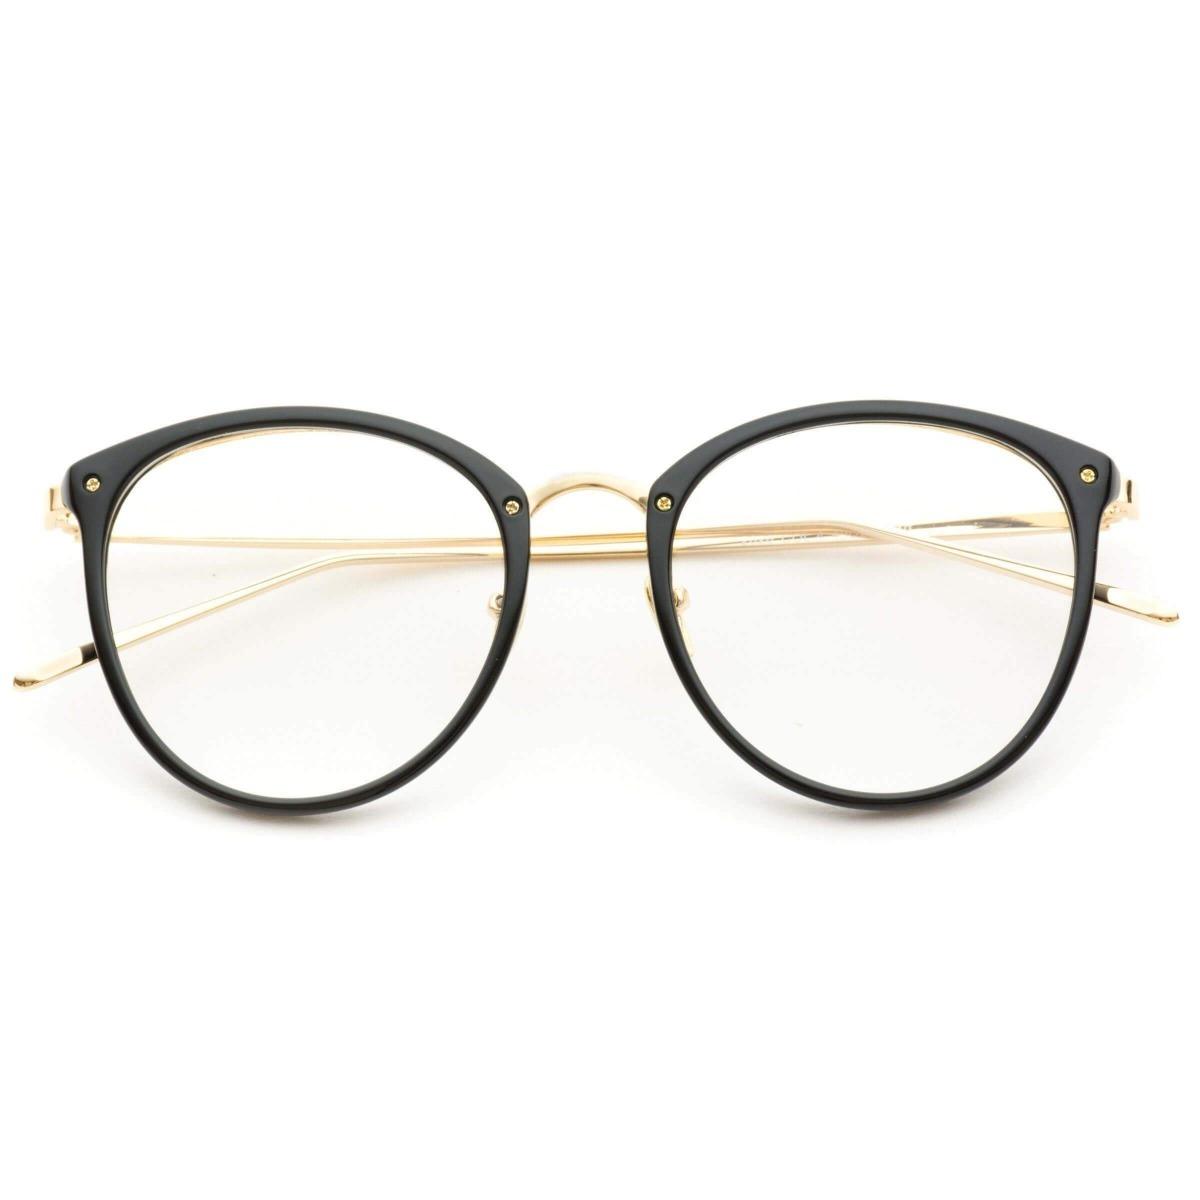 ... grau prada original feminino várias cores · armação oculos prada.  Carregando zoom. 66f1ba9c6b